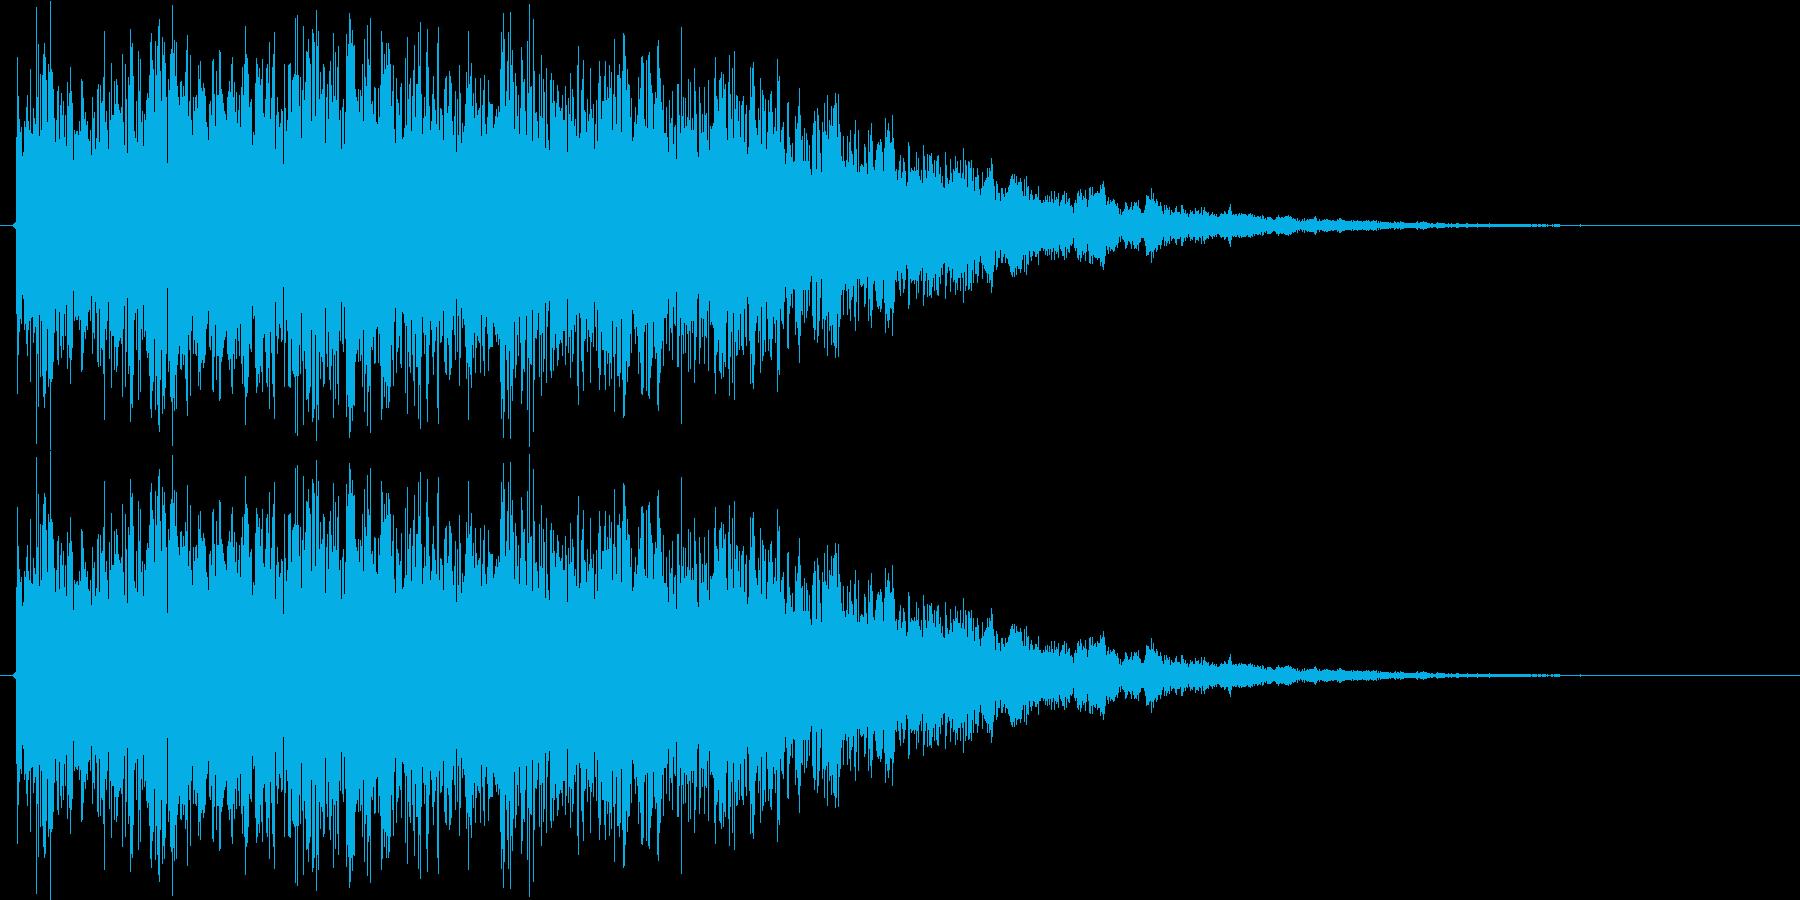 ロボが合体や変形する時の音 の再生済みの波形